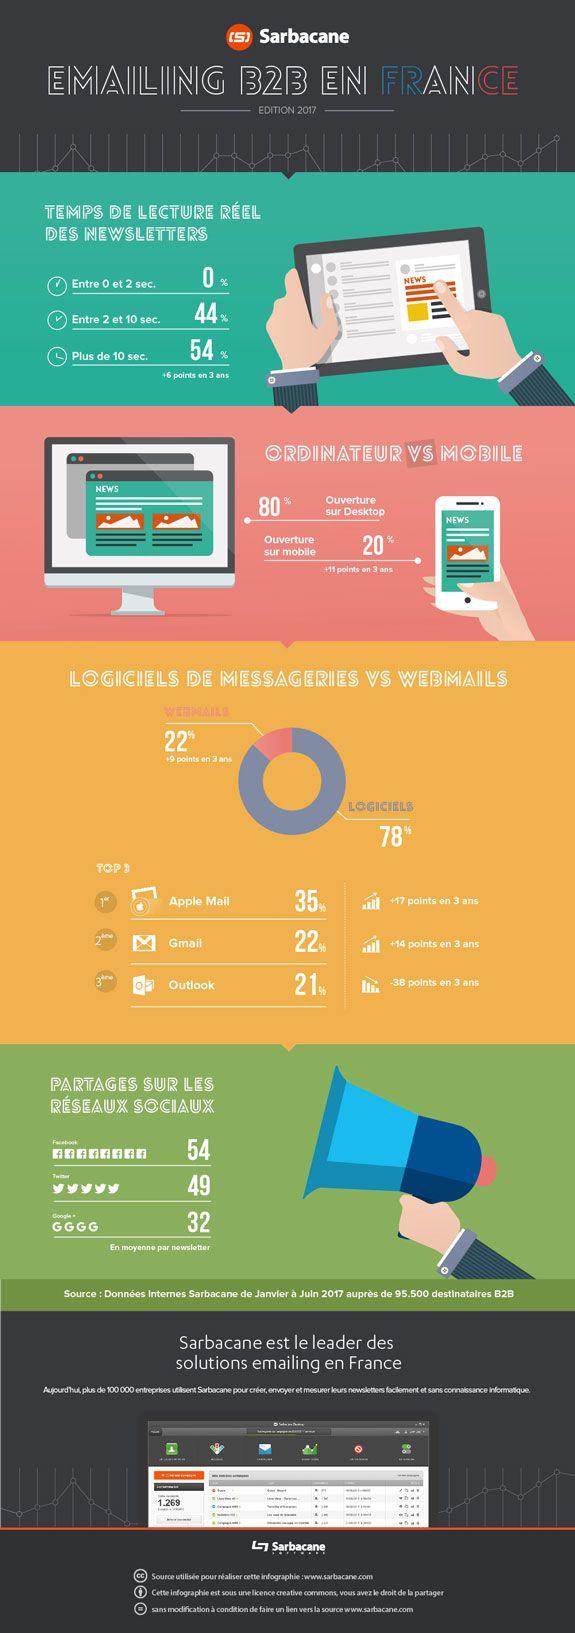 Les chiffres 2017 de lemailing B2B en France en infographie